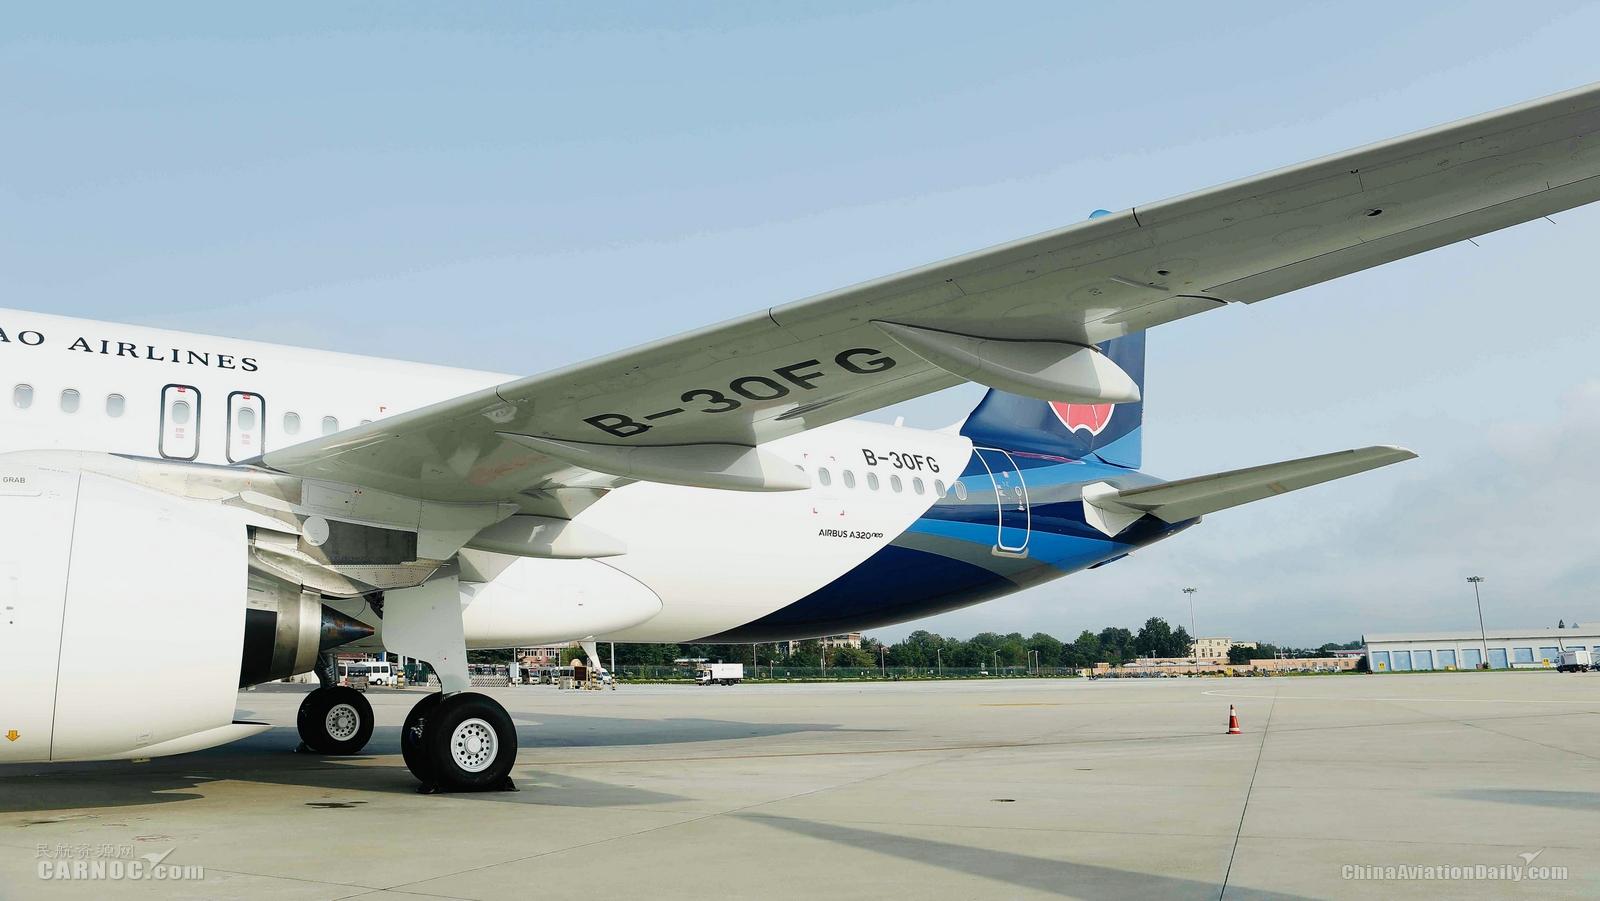 迎新飞机 青岛航空机队规模达26架